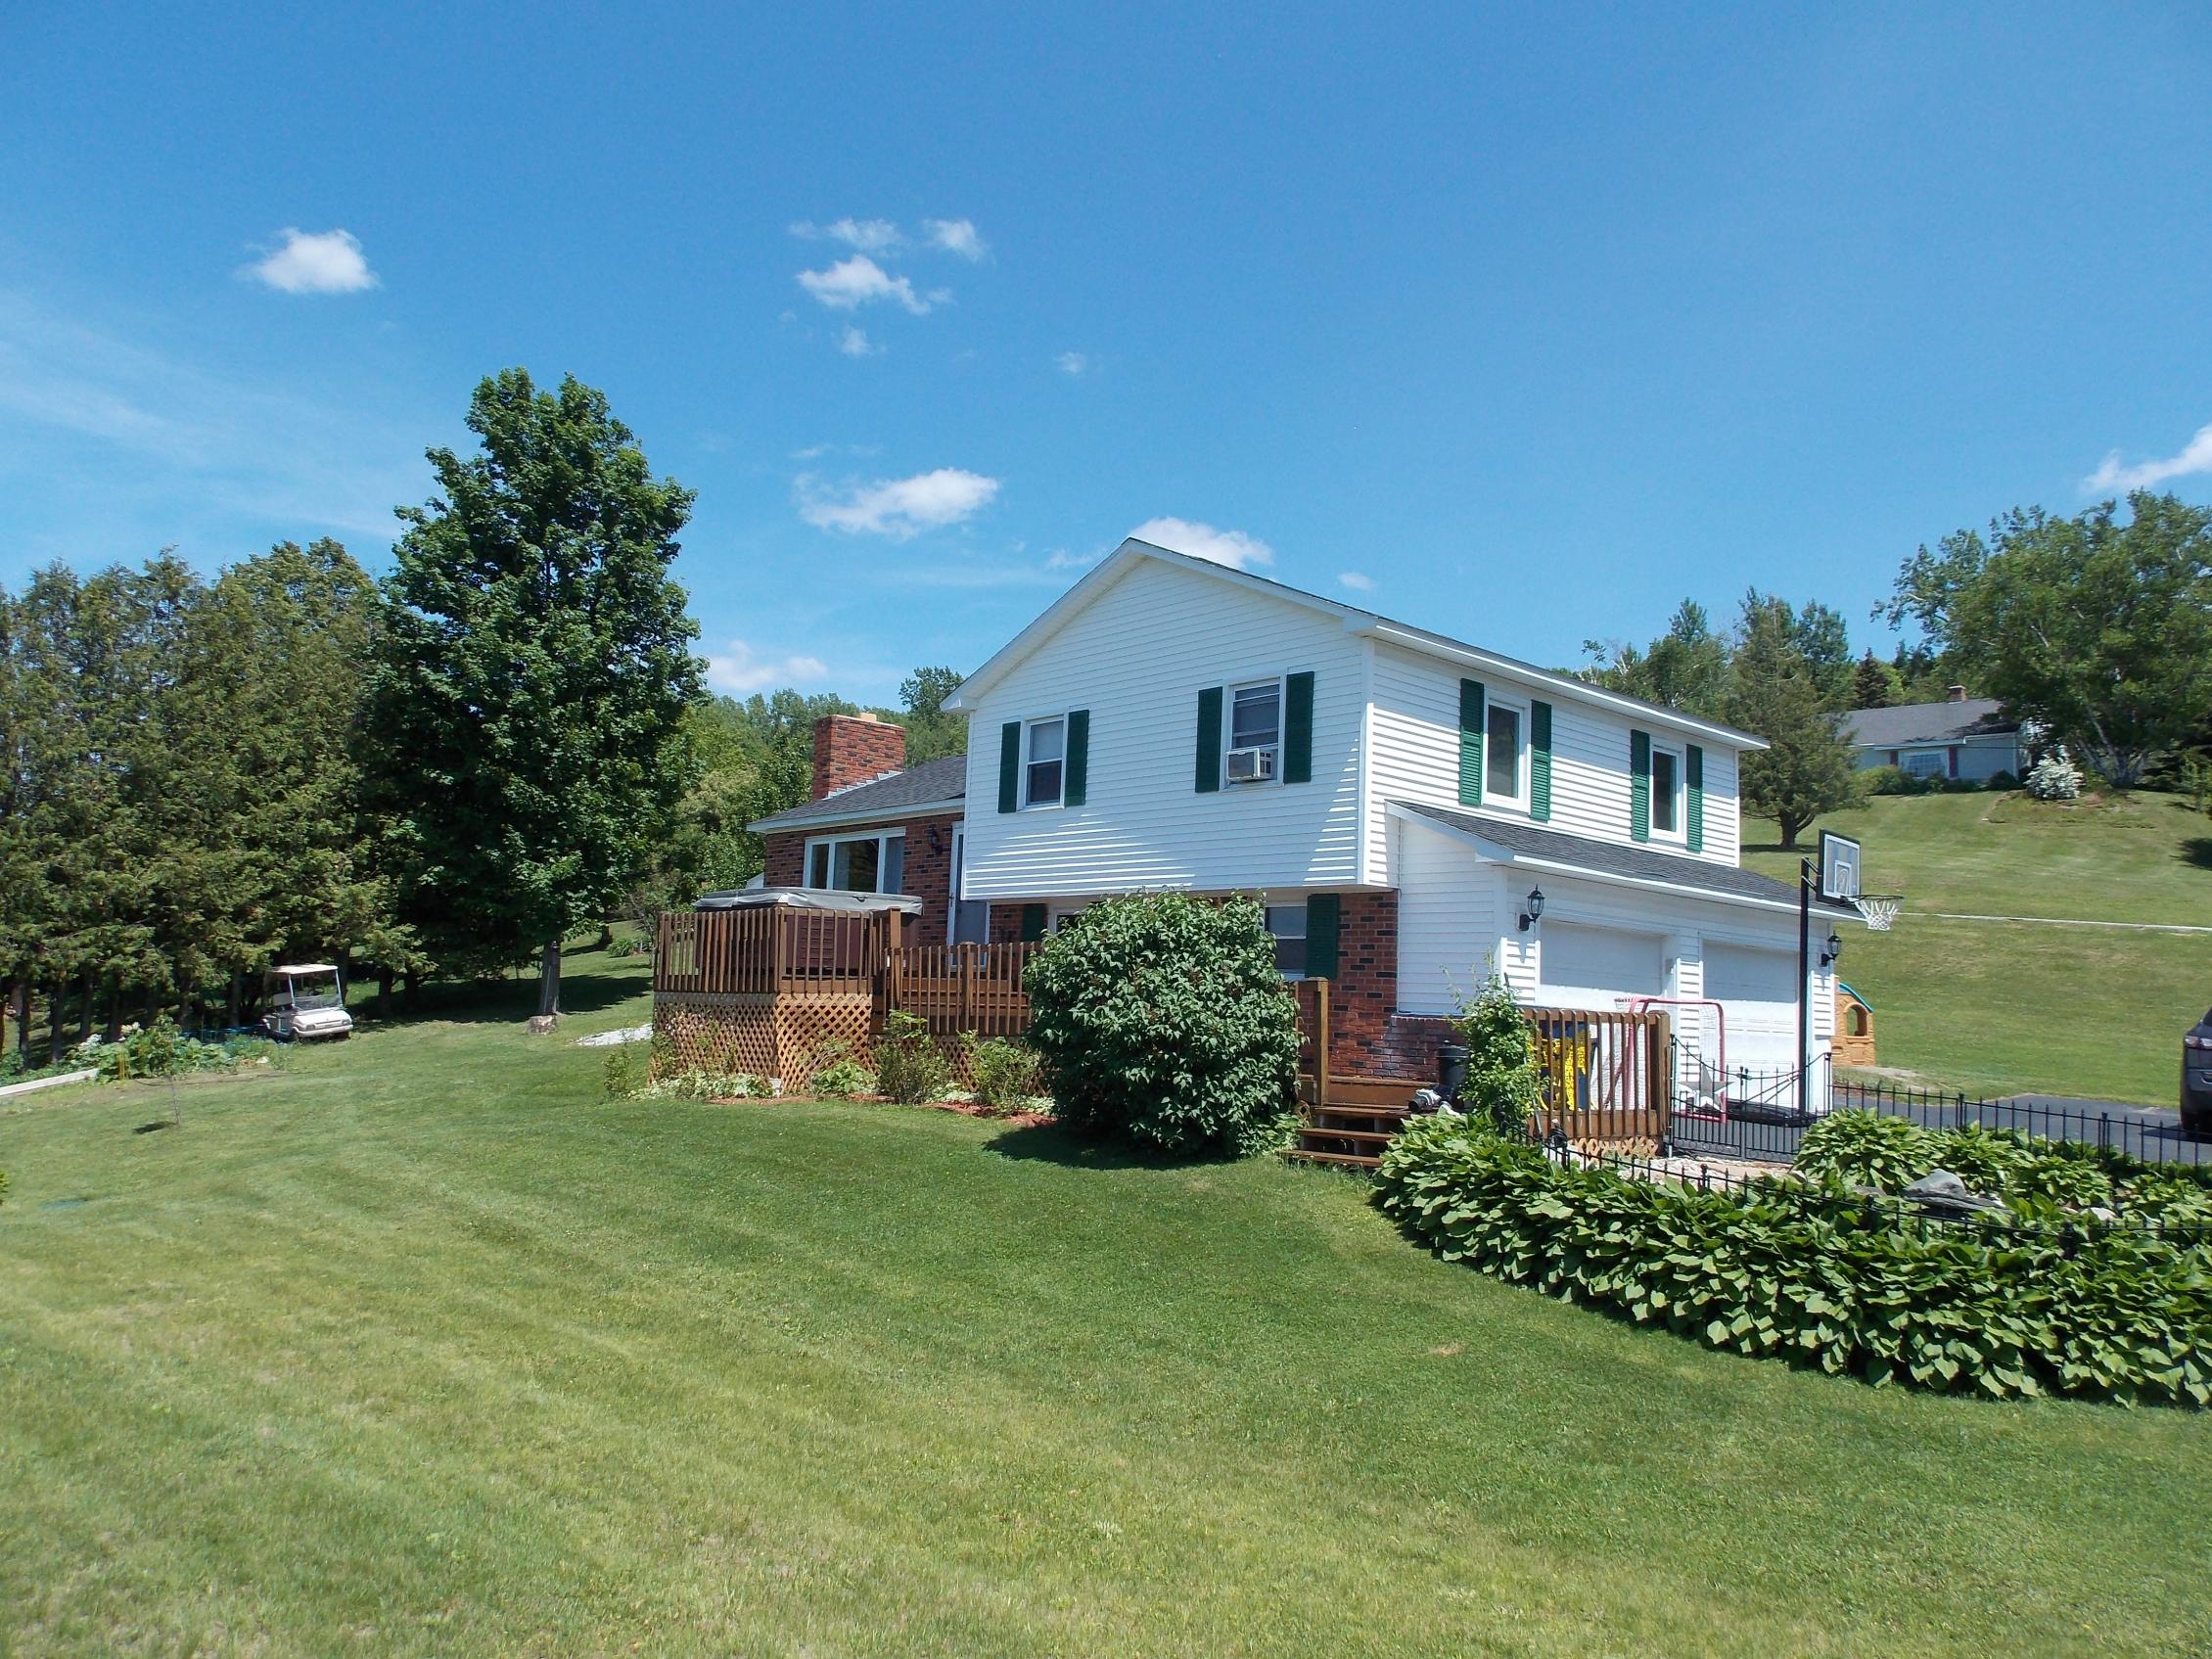 獨棟家庭住宅 為 出售 在 87 French Hill Road, St. Albans Town 87 French Hill Rd St. Albans, 佛蒙特州 05478 美國